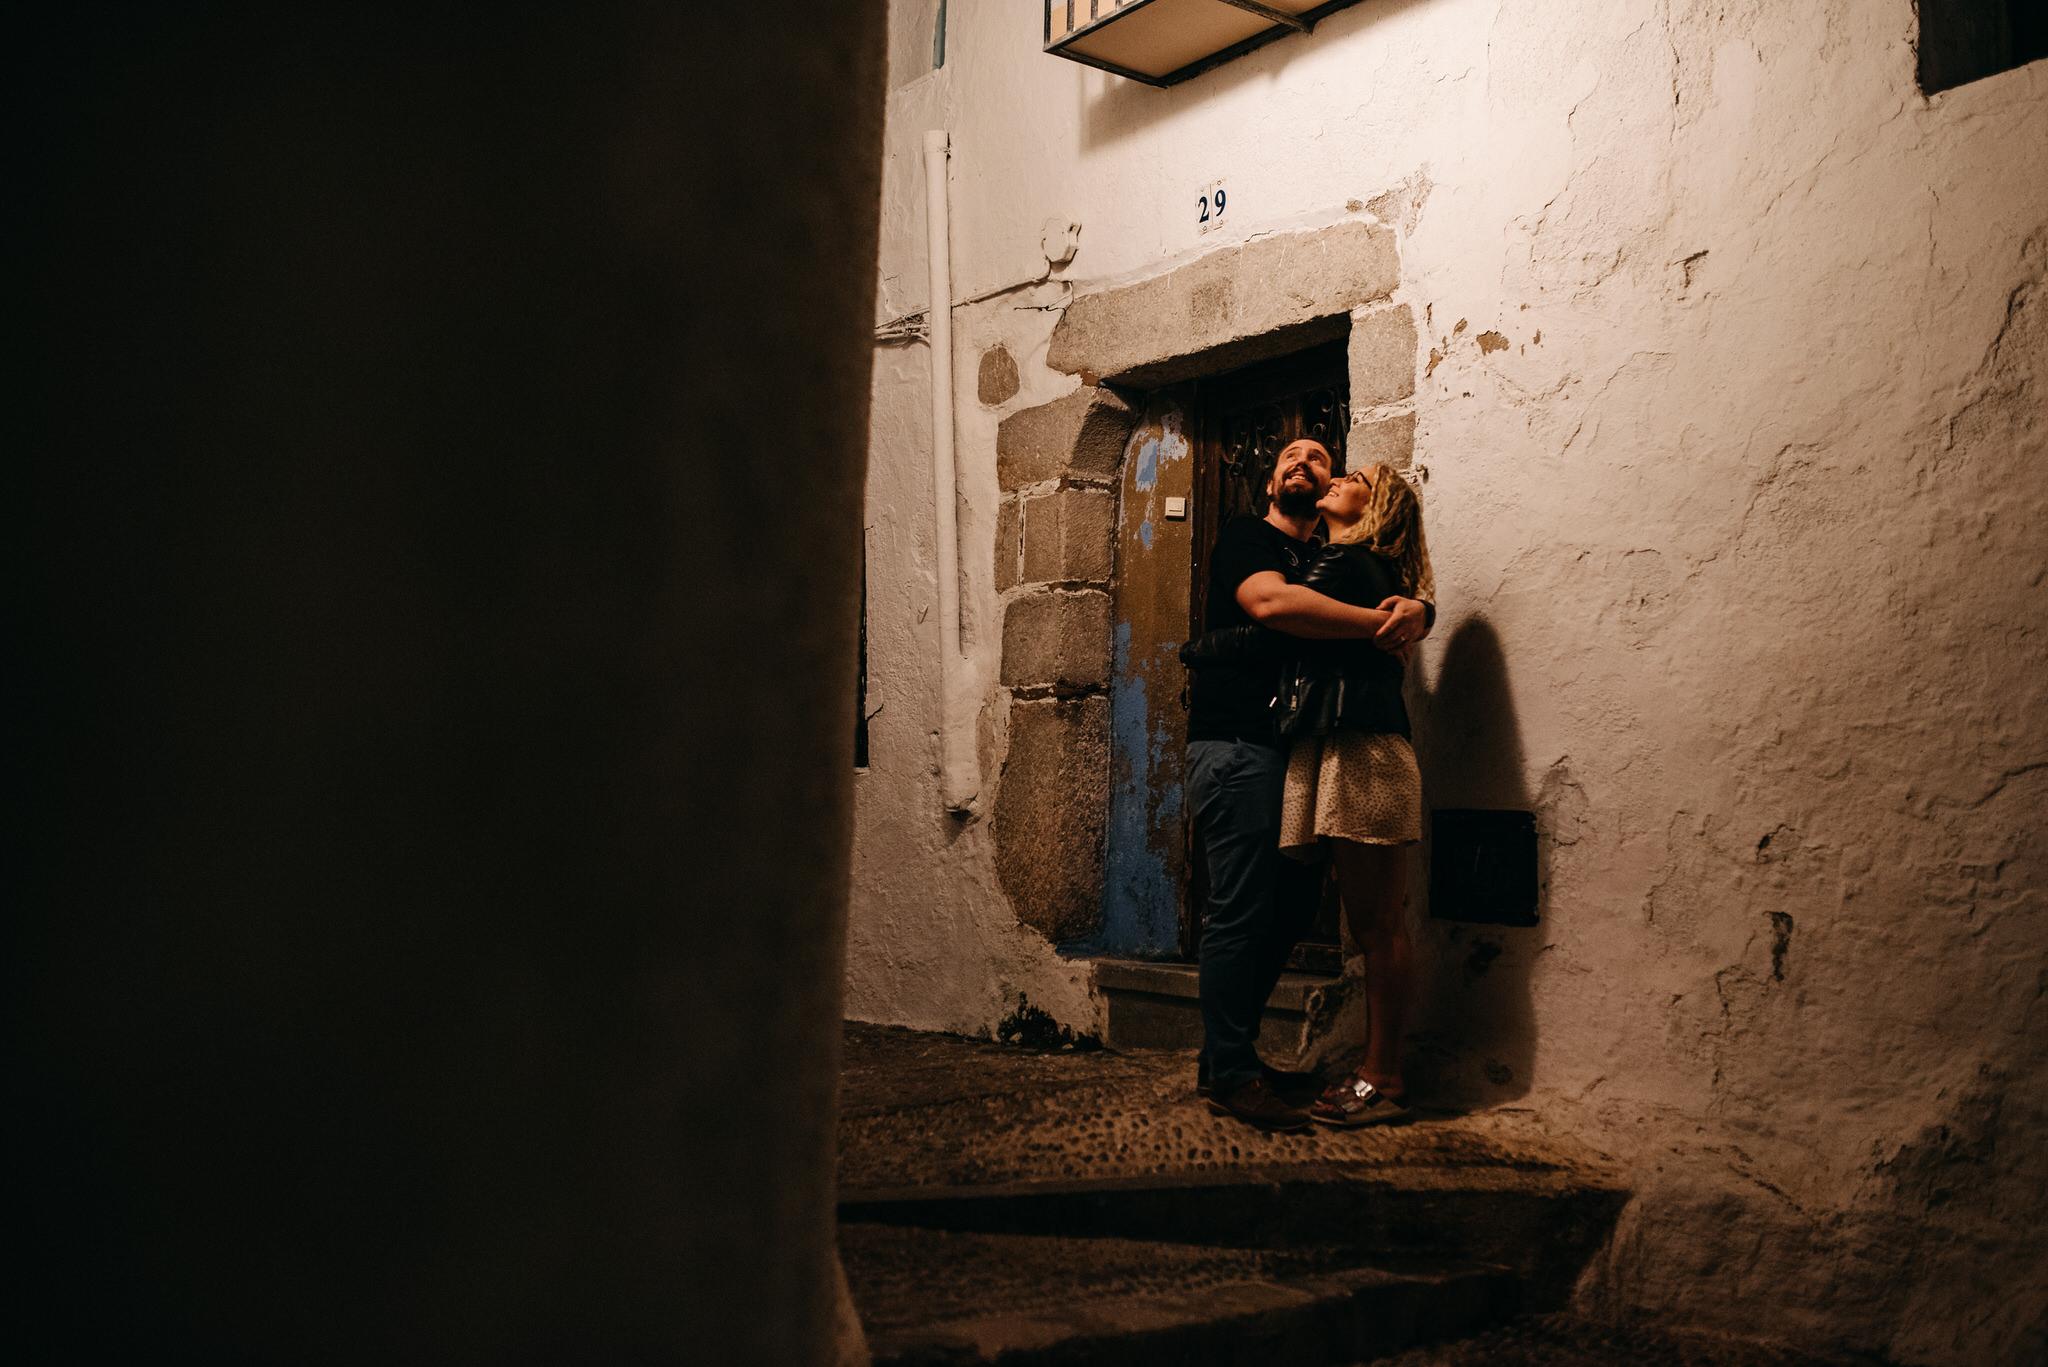 Sesja ślubna zagraniczzna Hiszpania Staszek Gajda0026.JPG